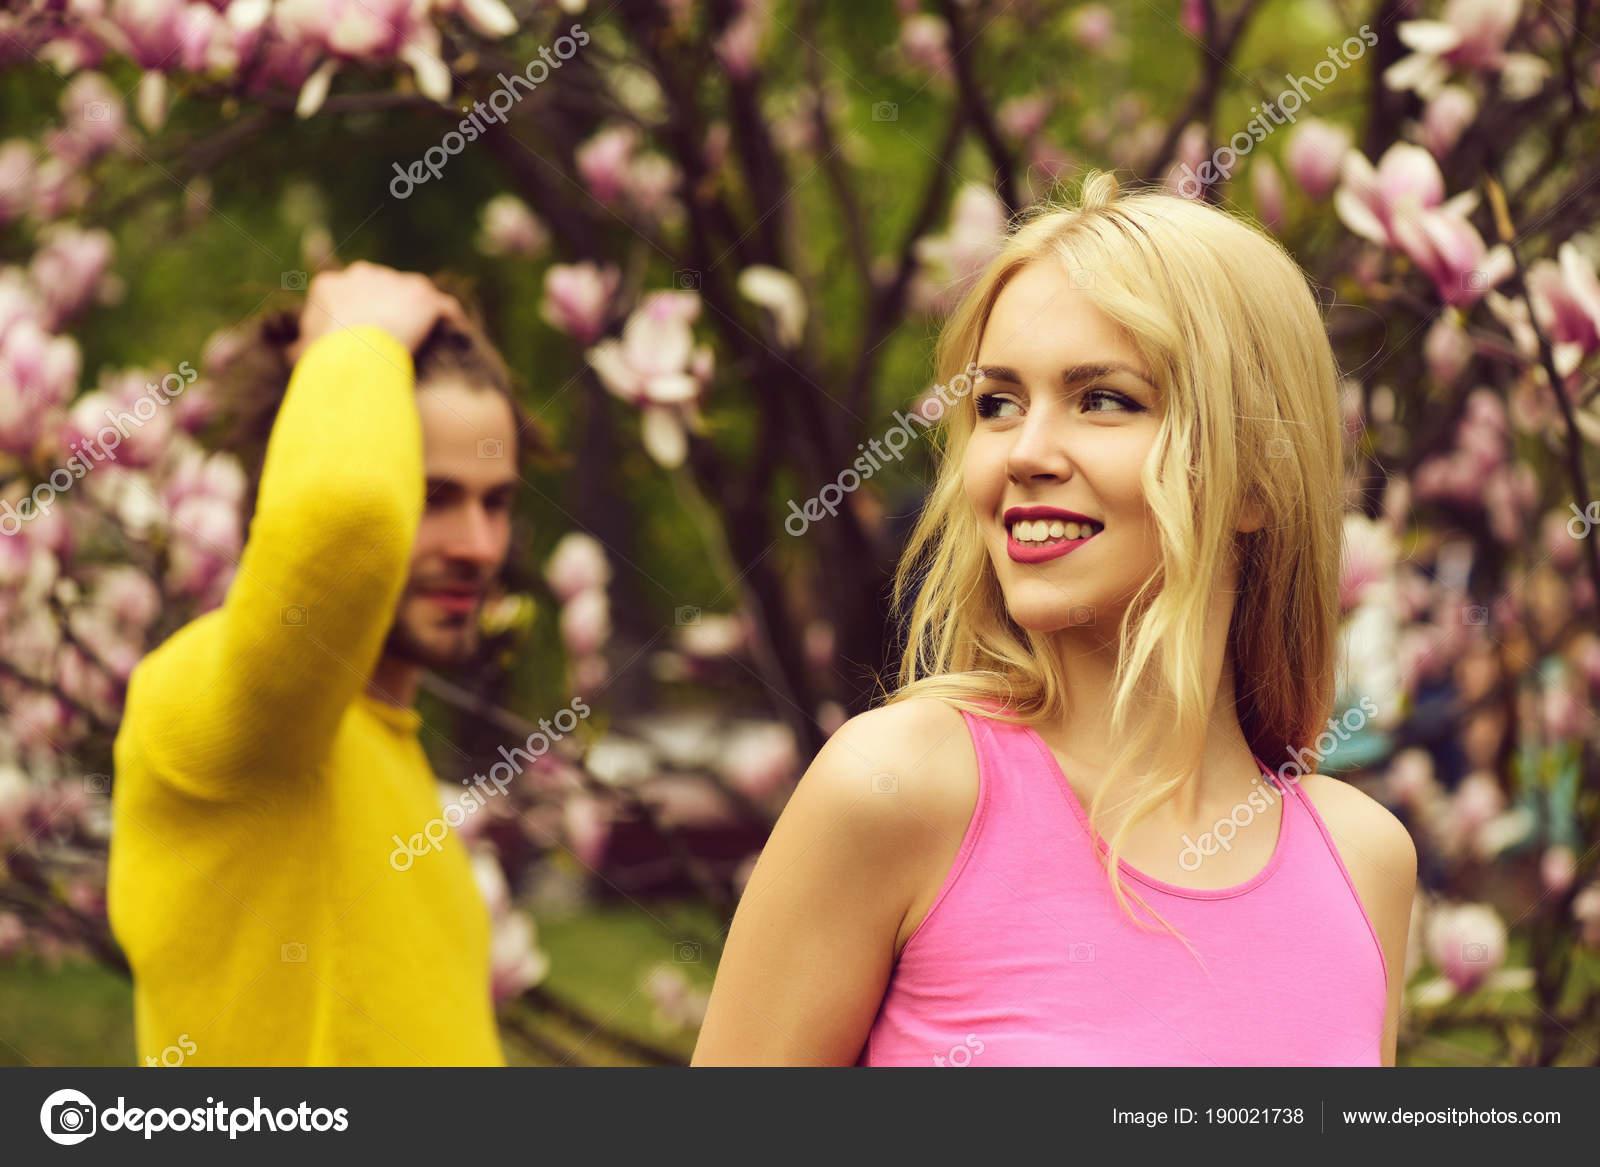 Сайт знакомств для взрослых людей в Ташкенте